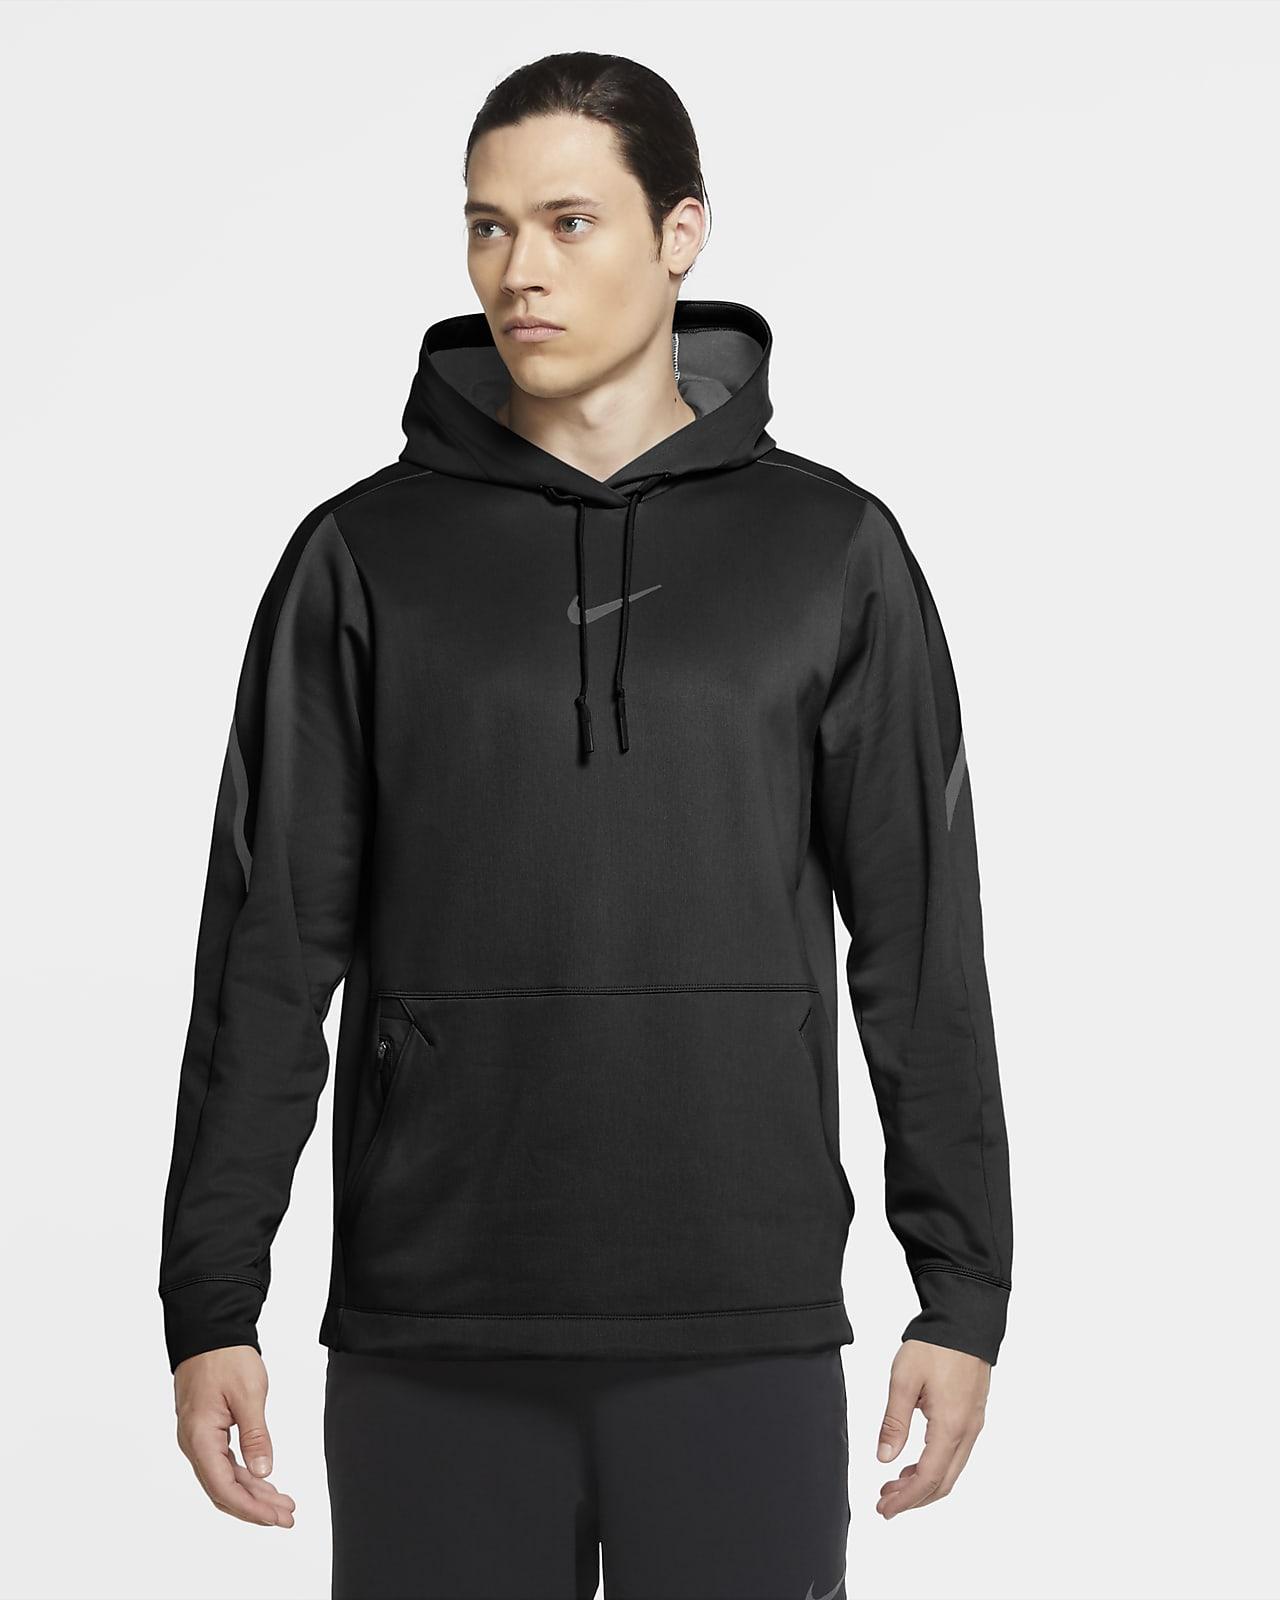 Huvtröja Nike Pro för män